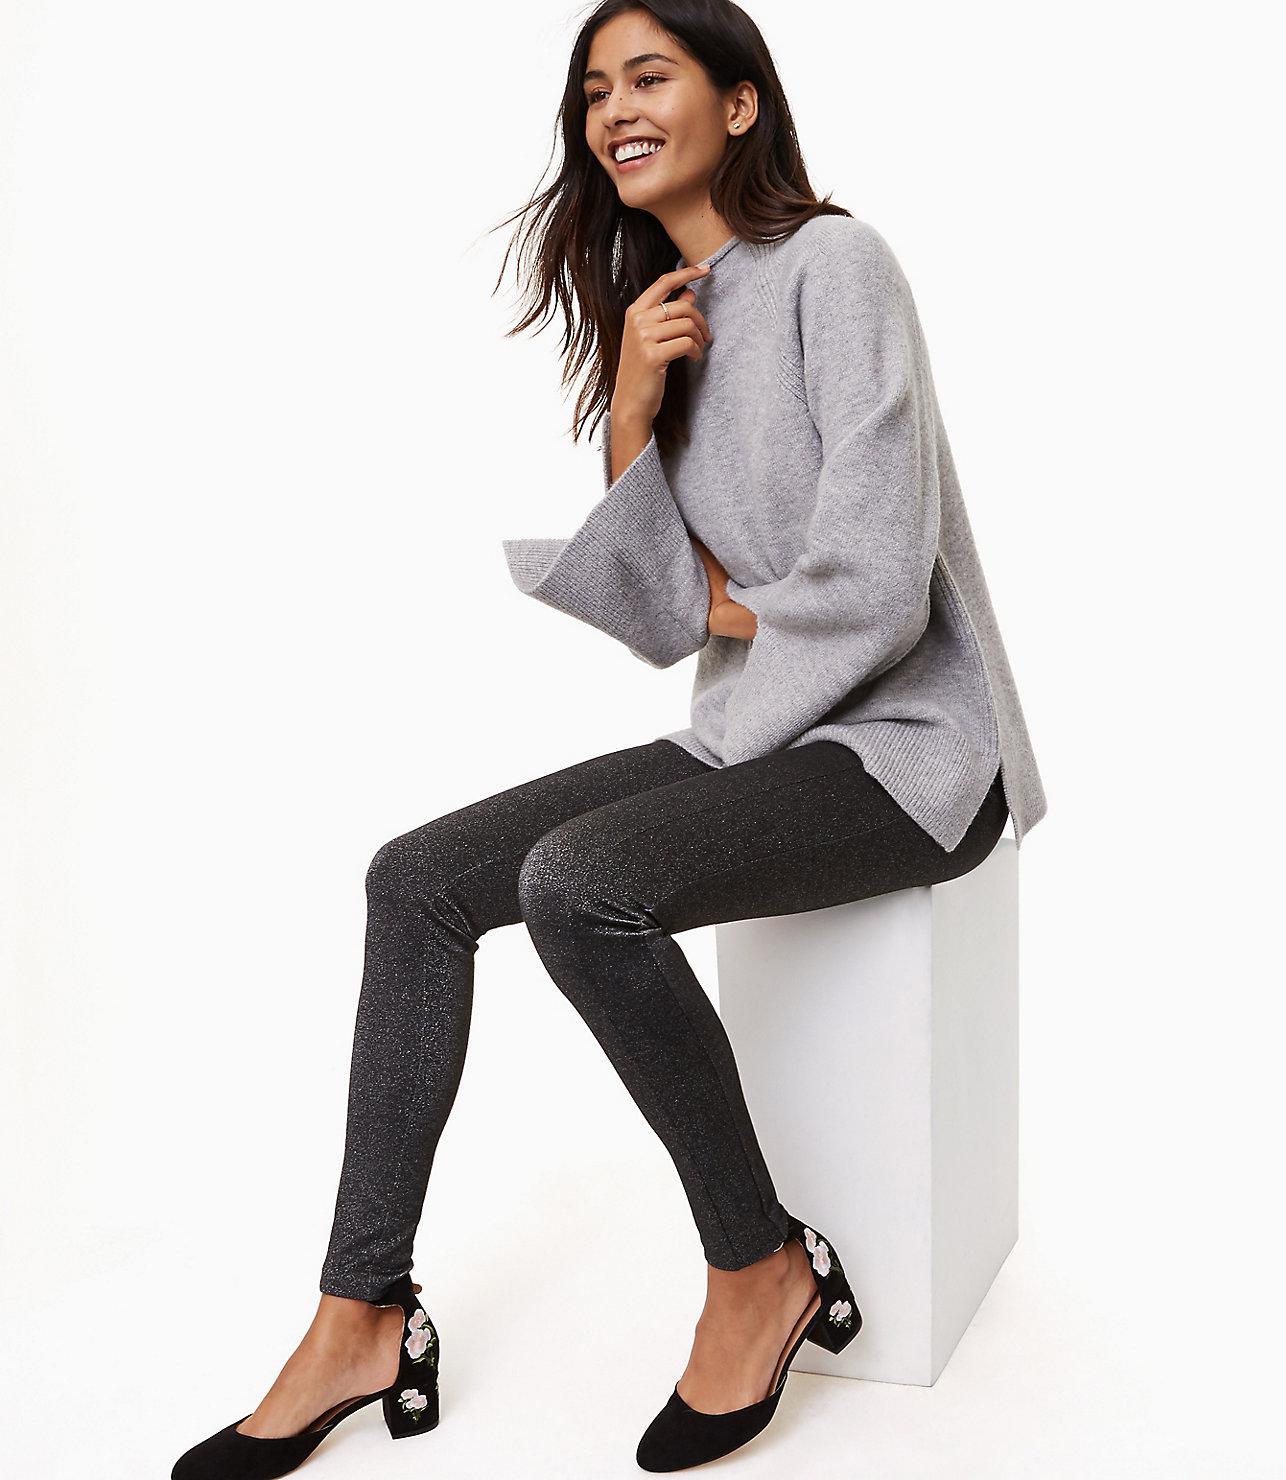 a3df1cd43bd455 Lyst - LOFT Petite Leggings In Shimmer in Gray